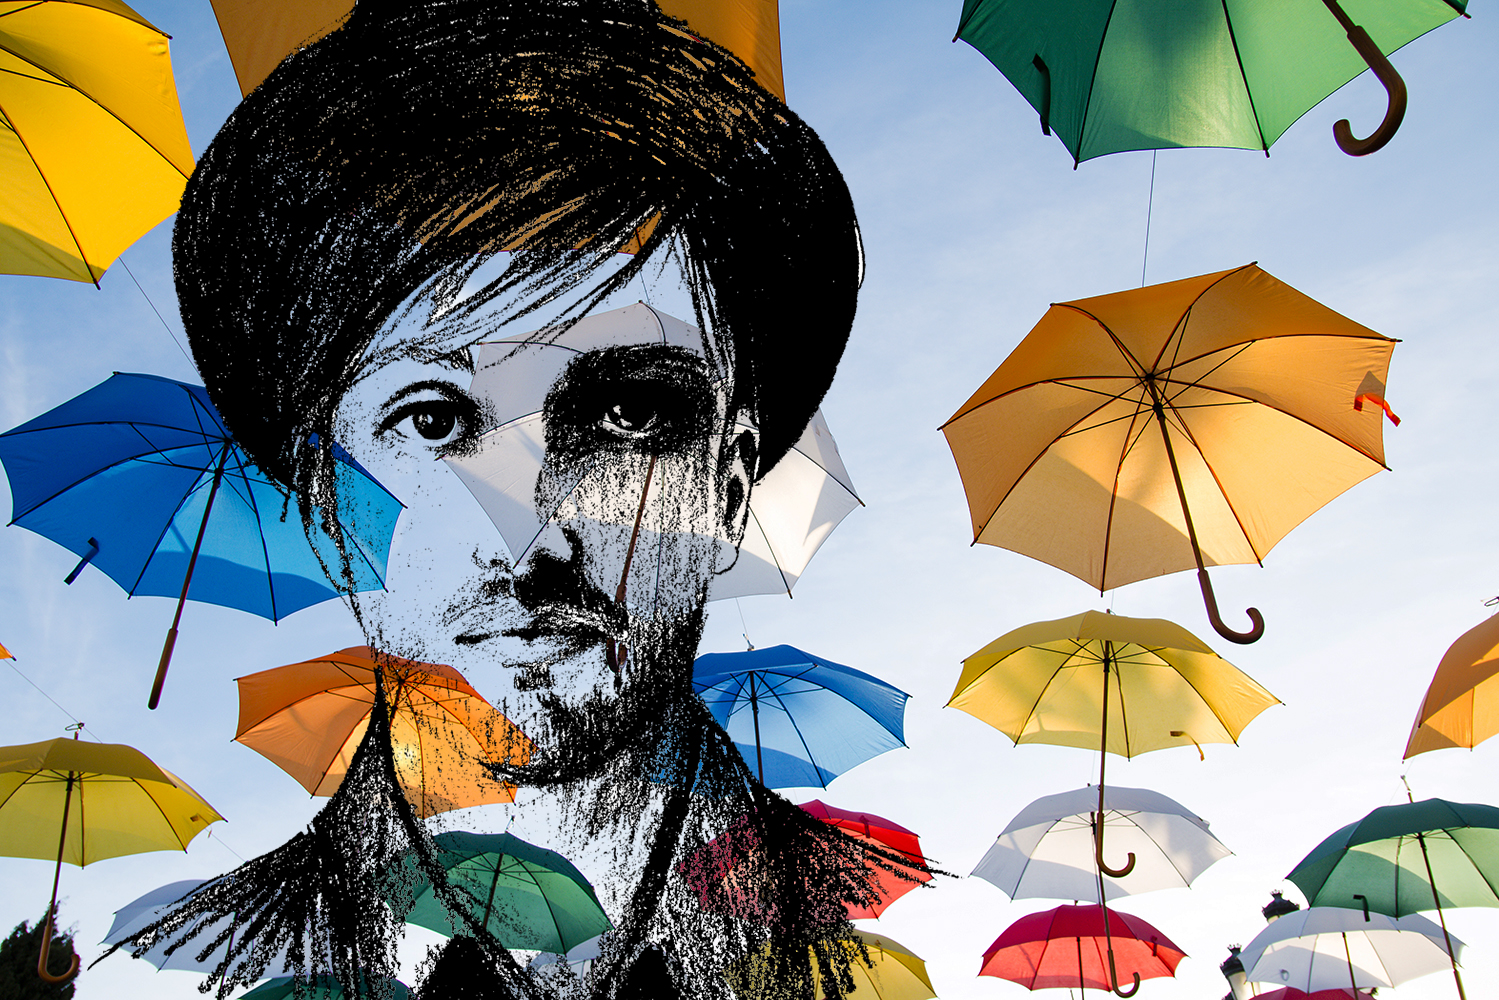 Der mit den Regenschirmen tanzt